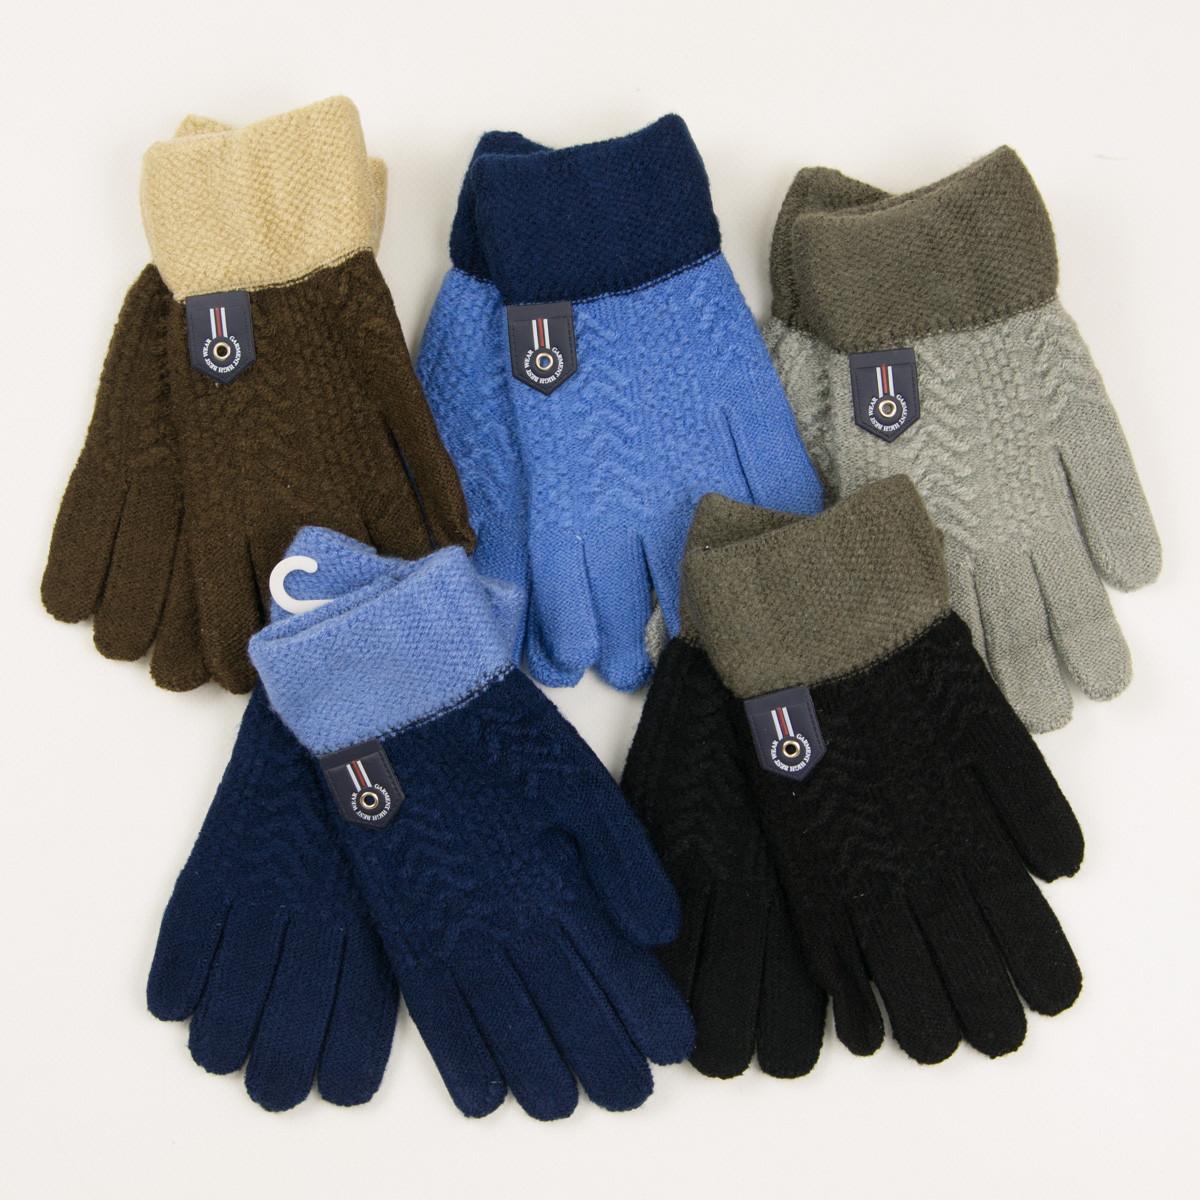 Оптом рукавички для хлопчиків на 5-7 років - 19-7-54